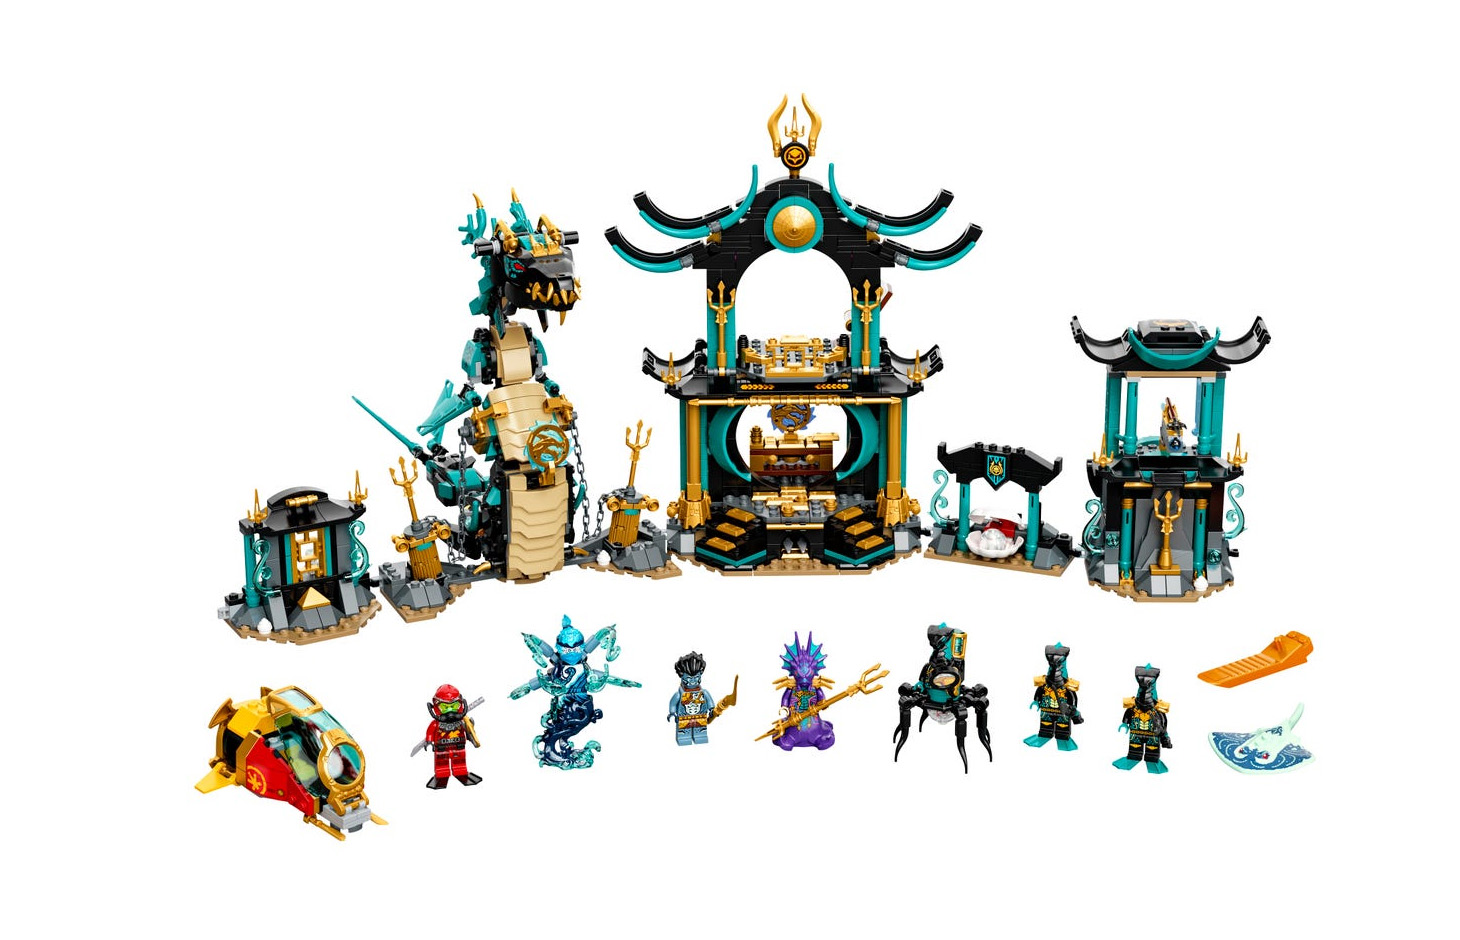 2021年6月発売見込みレゴ ニンジャゴー新製品情報:みんな大好きバトルアクションシリーズ